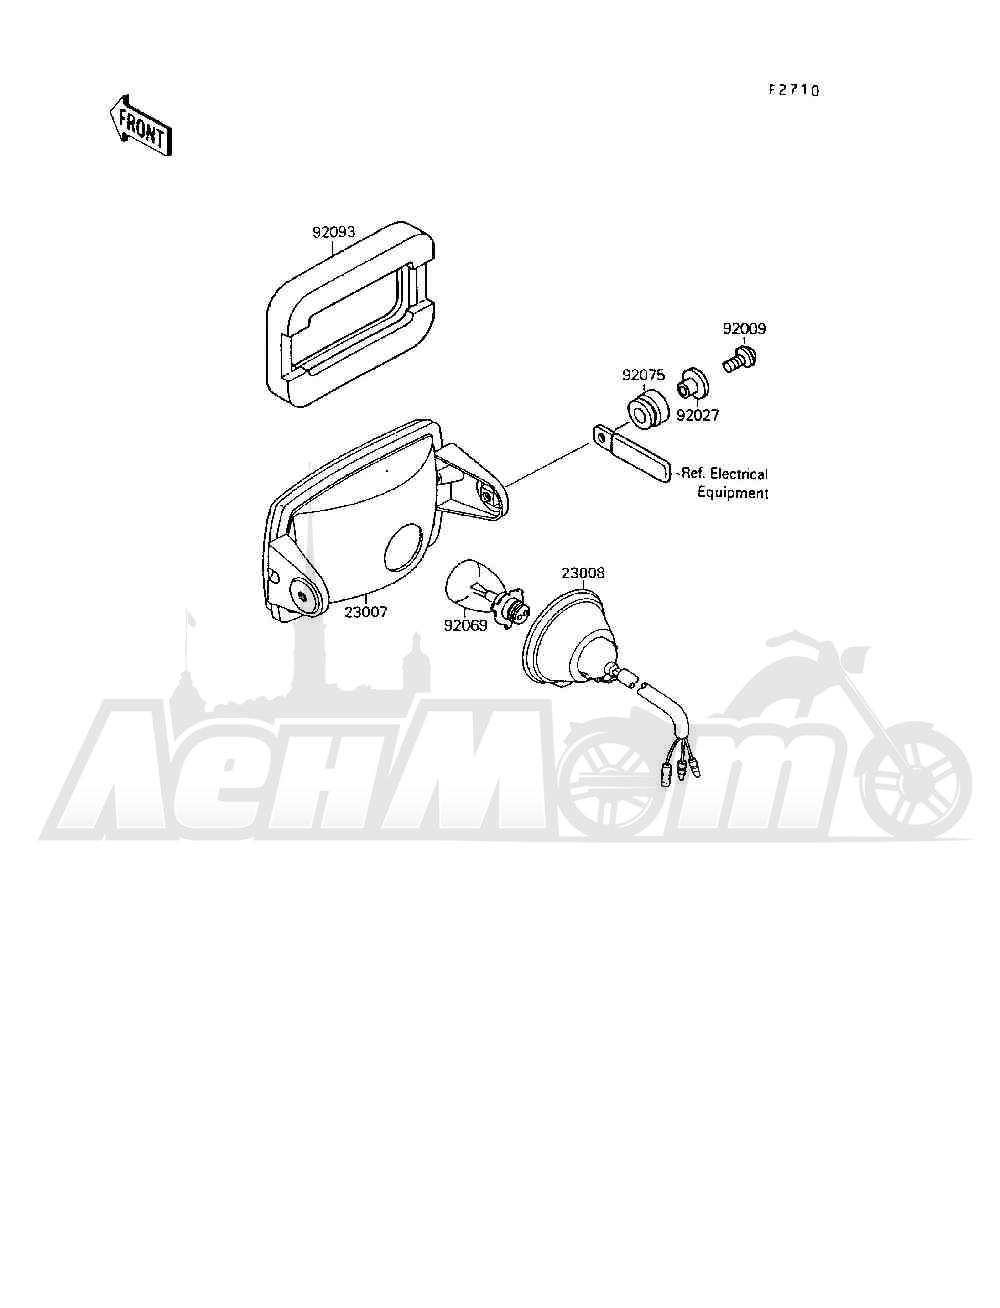 Запчасти для Квадроцикла Kawasaki 1994 MOJAVE 250 (KSF250-A8) Раздел: HEADLIGHT(S) | передняя фара (S)